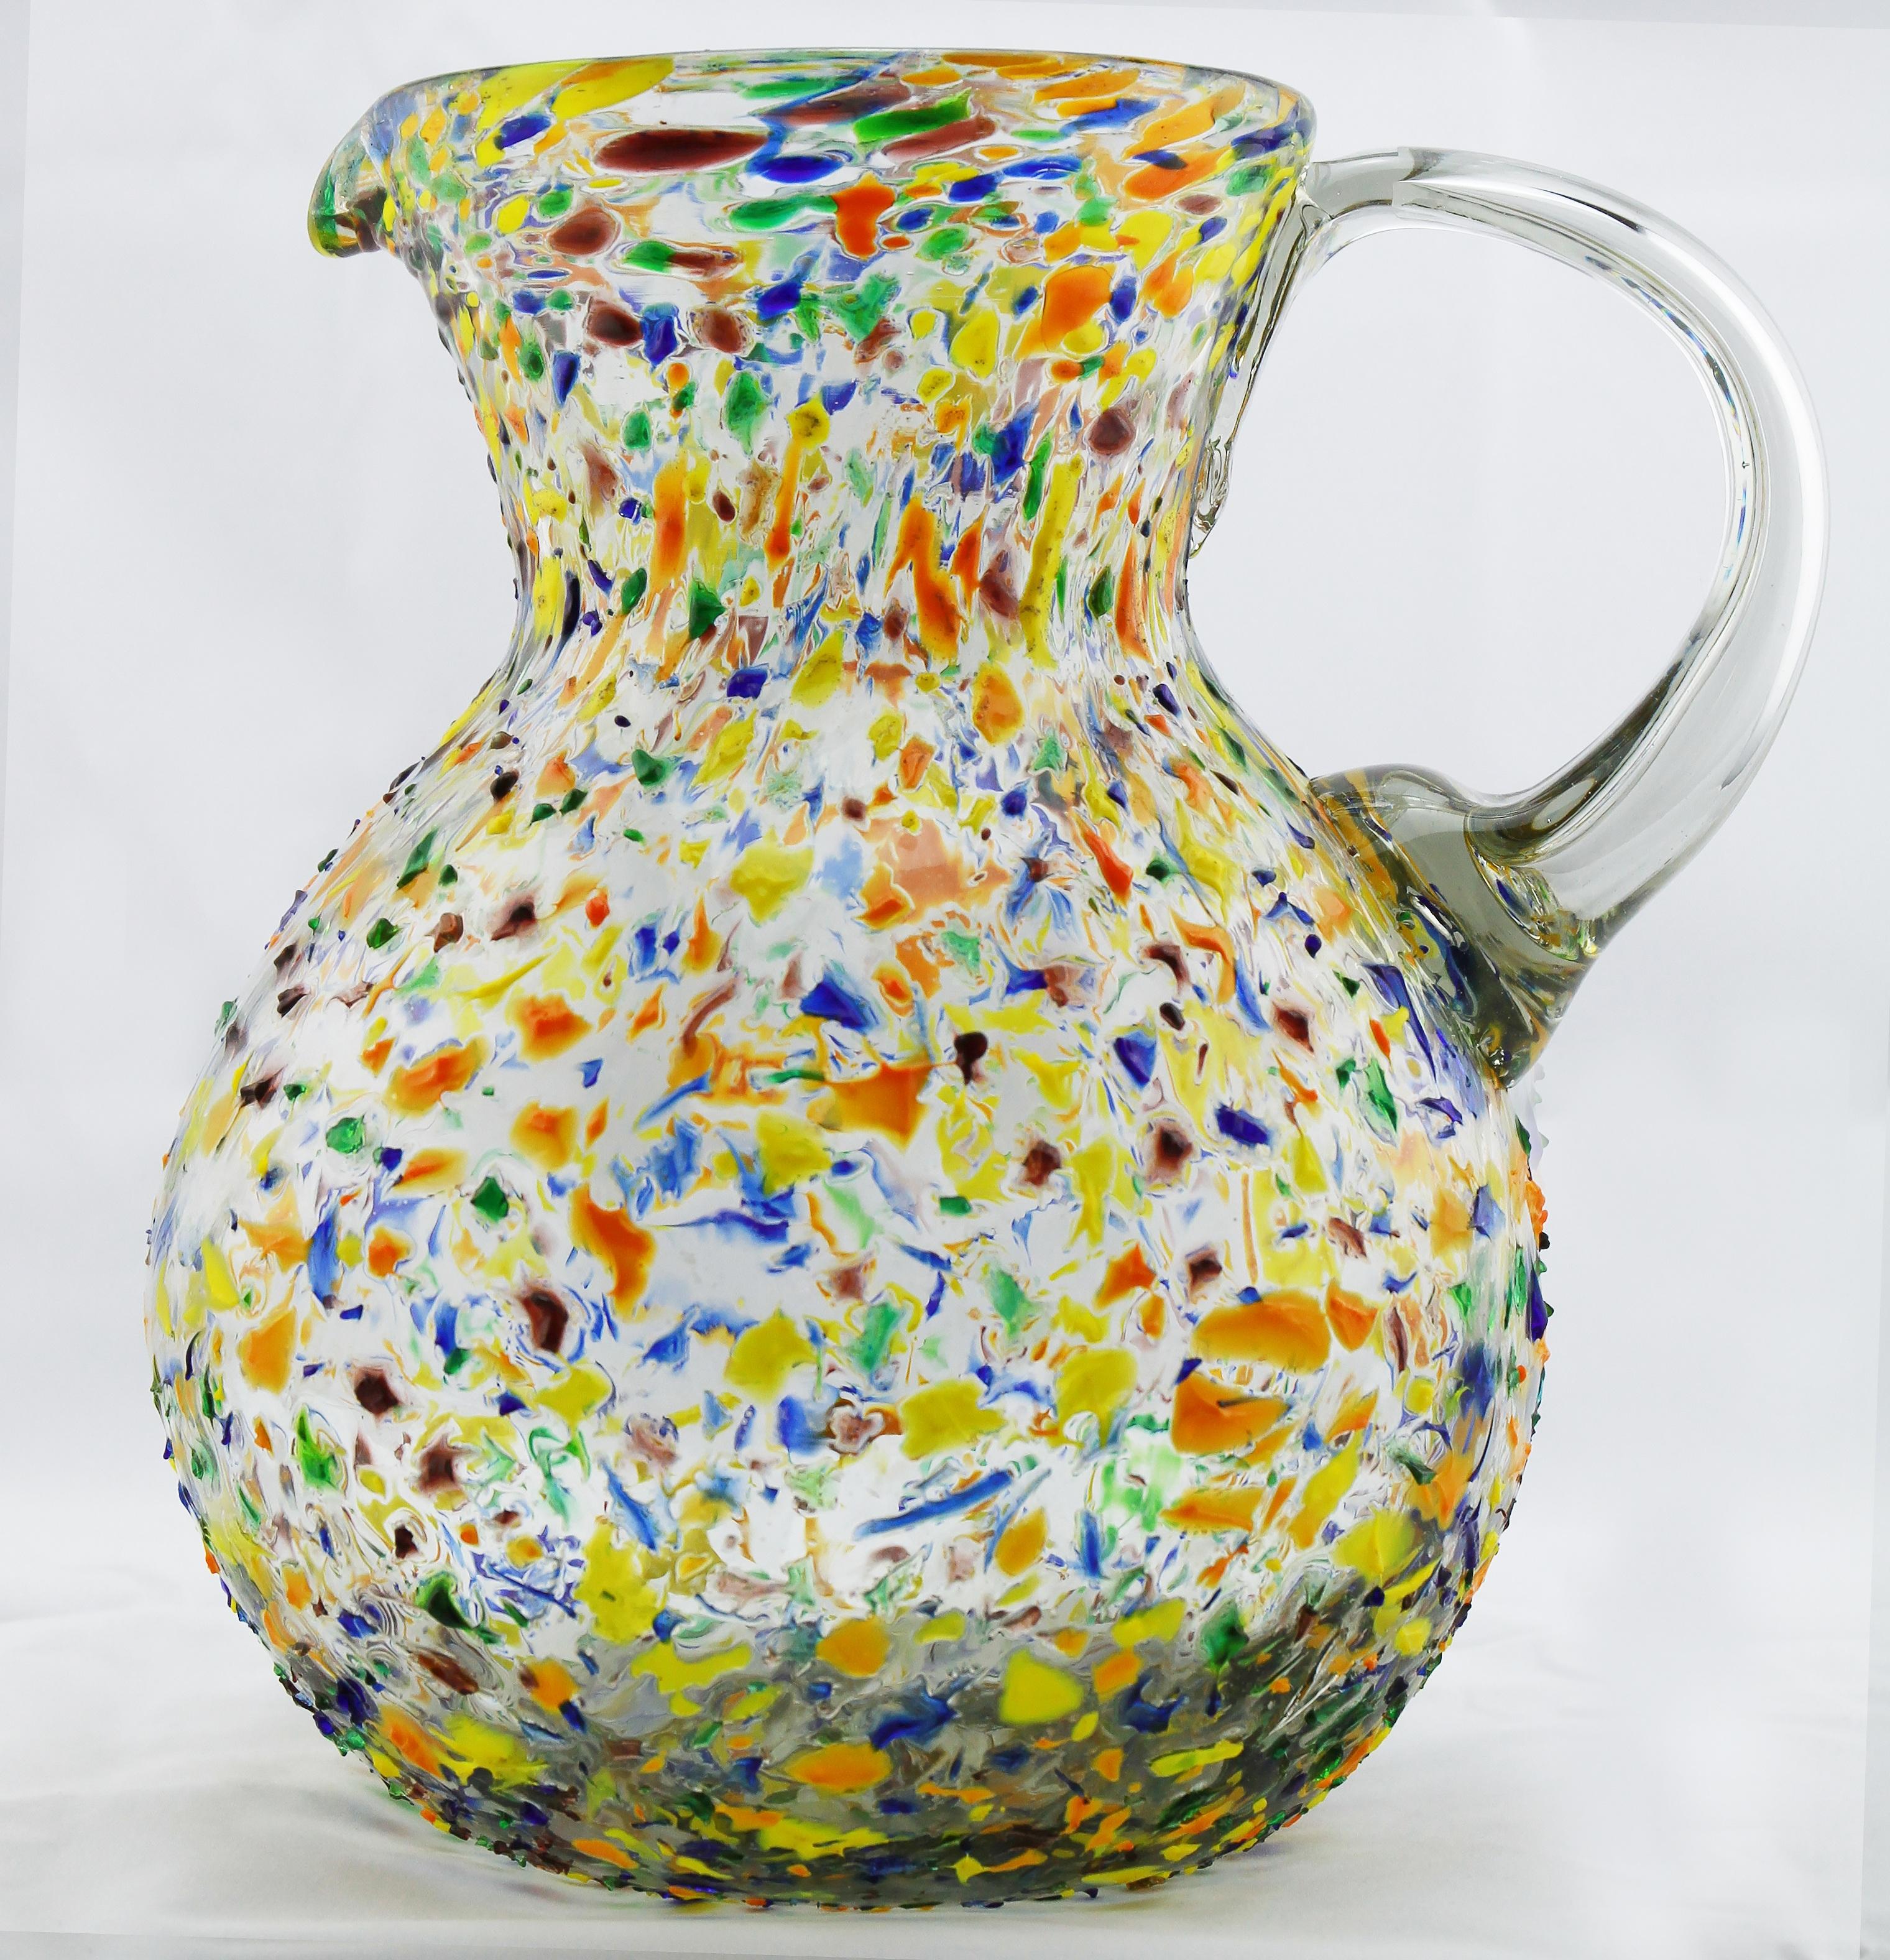 Gambar Vas Keramik Barang Tembikar Porselen Seni Kaca Juug Untuk Air Minum Kendi Berwarna Warni